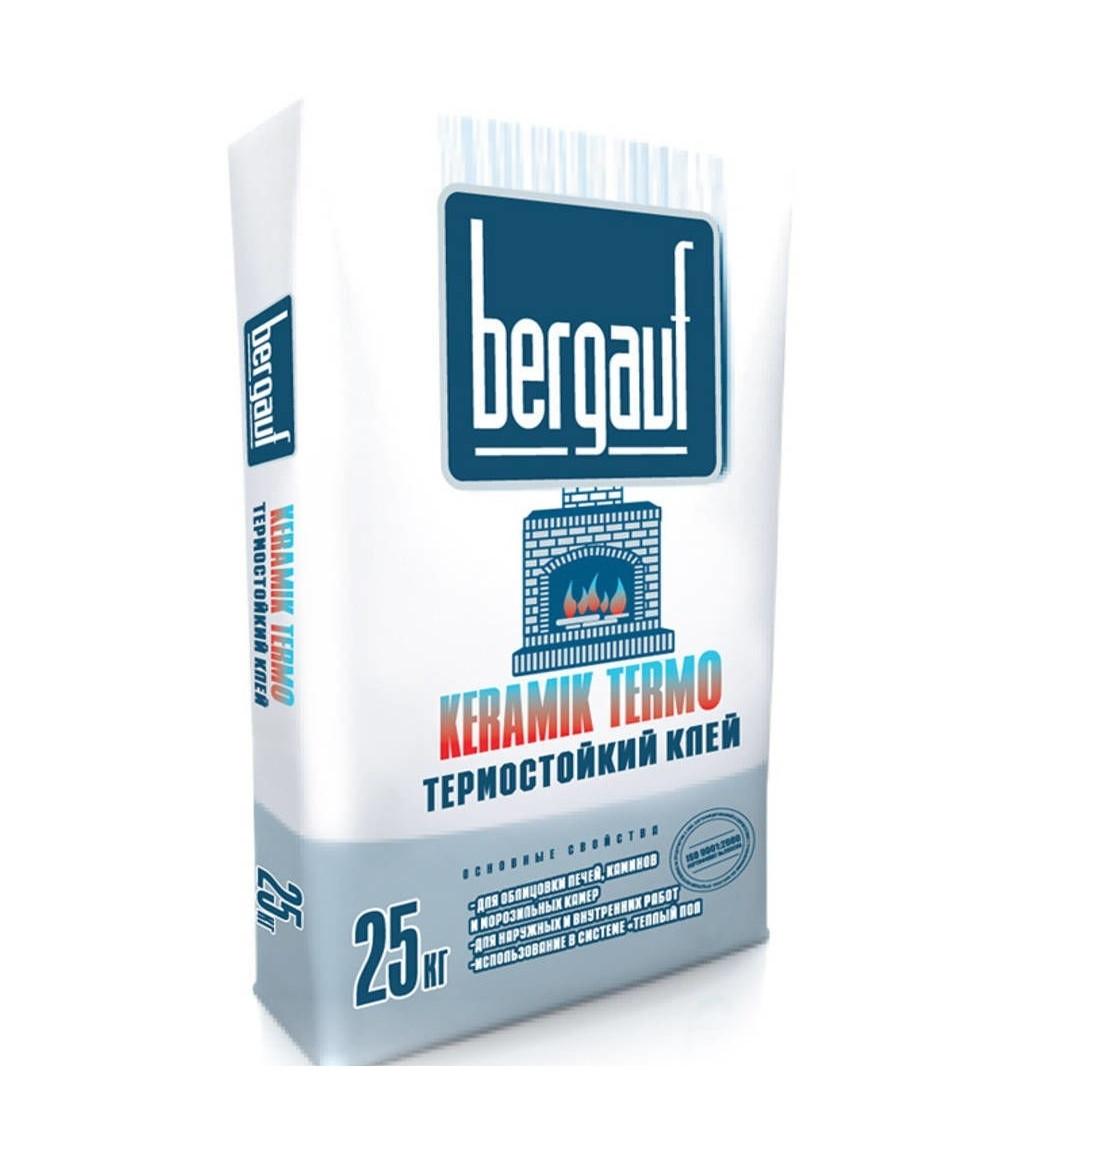 Клей термостойкий Bergauf Keramik Termo